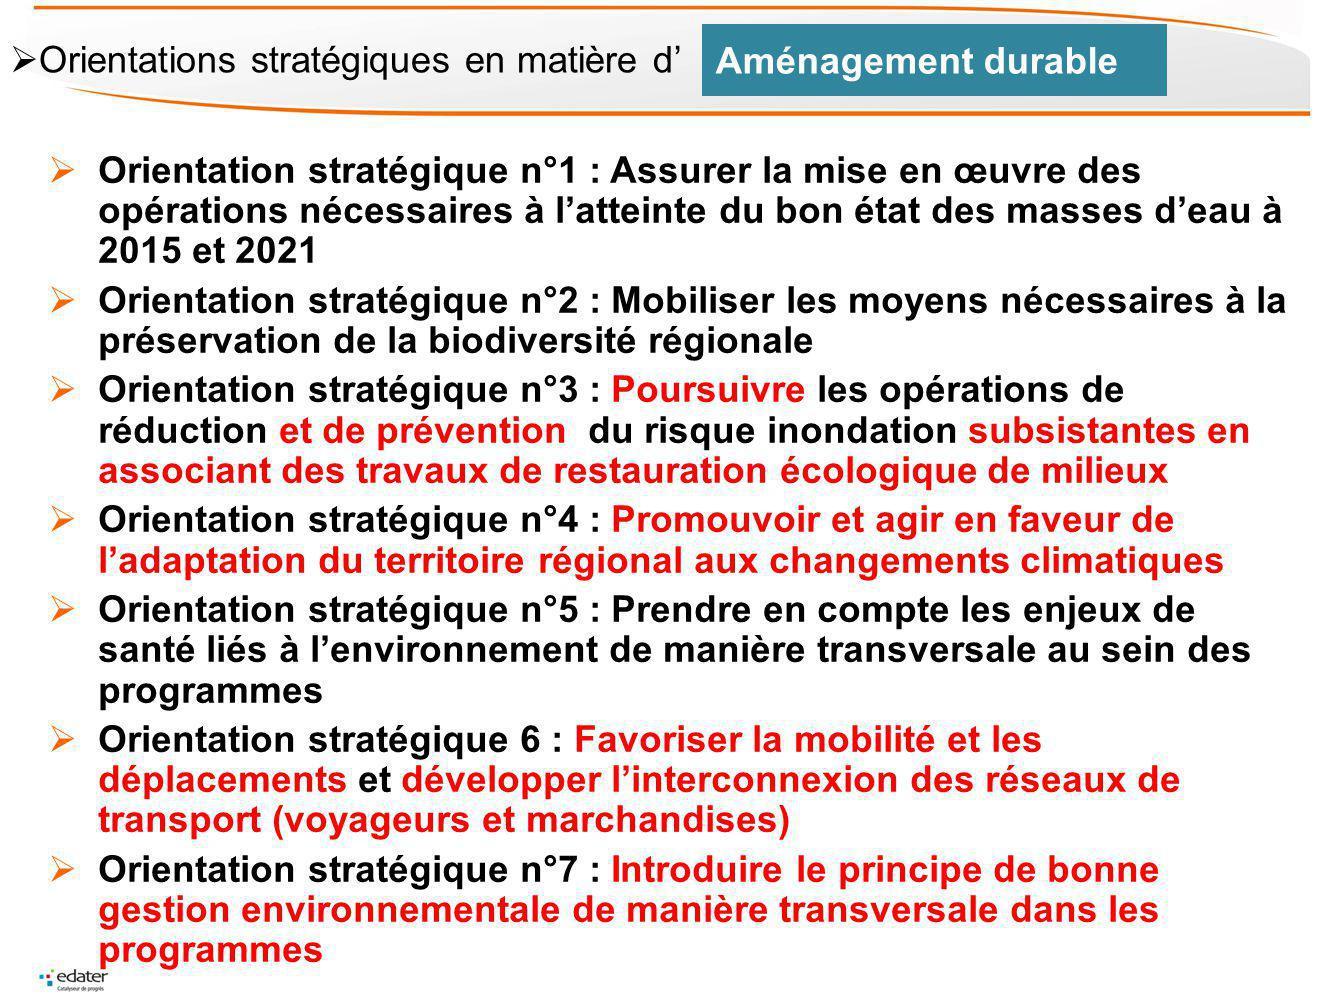 Aménagement durable Orientations stratégiques en matière d'